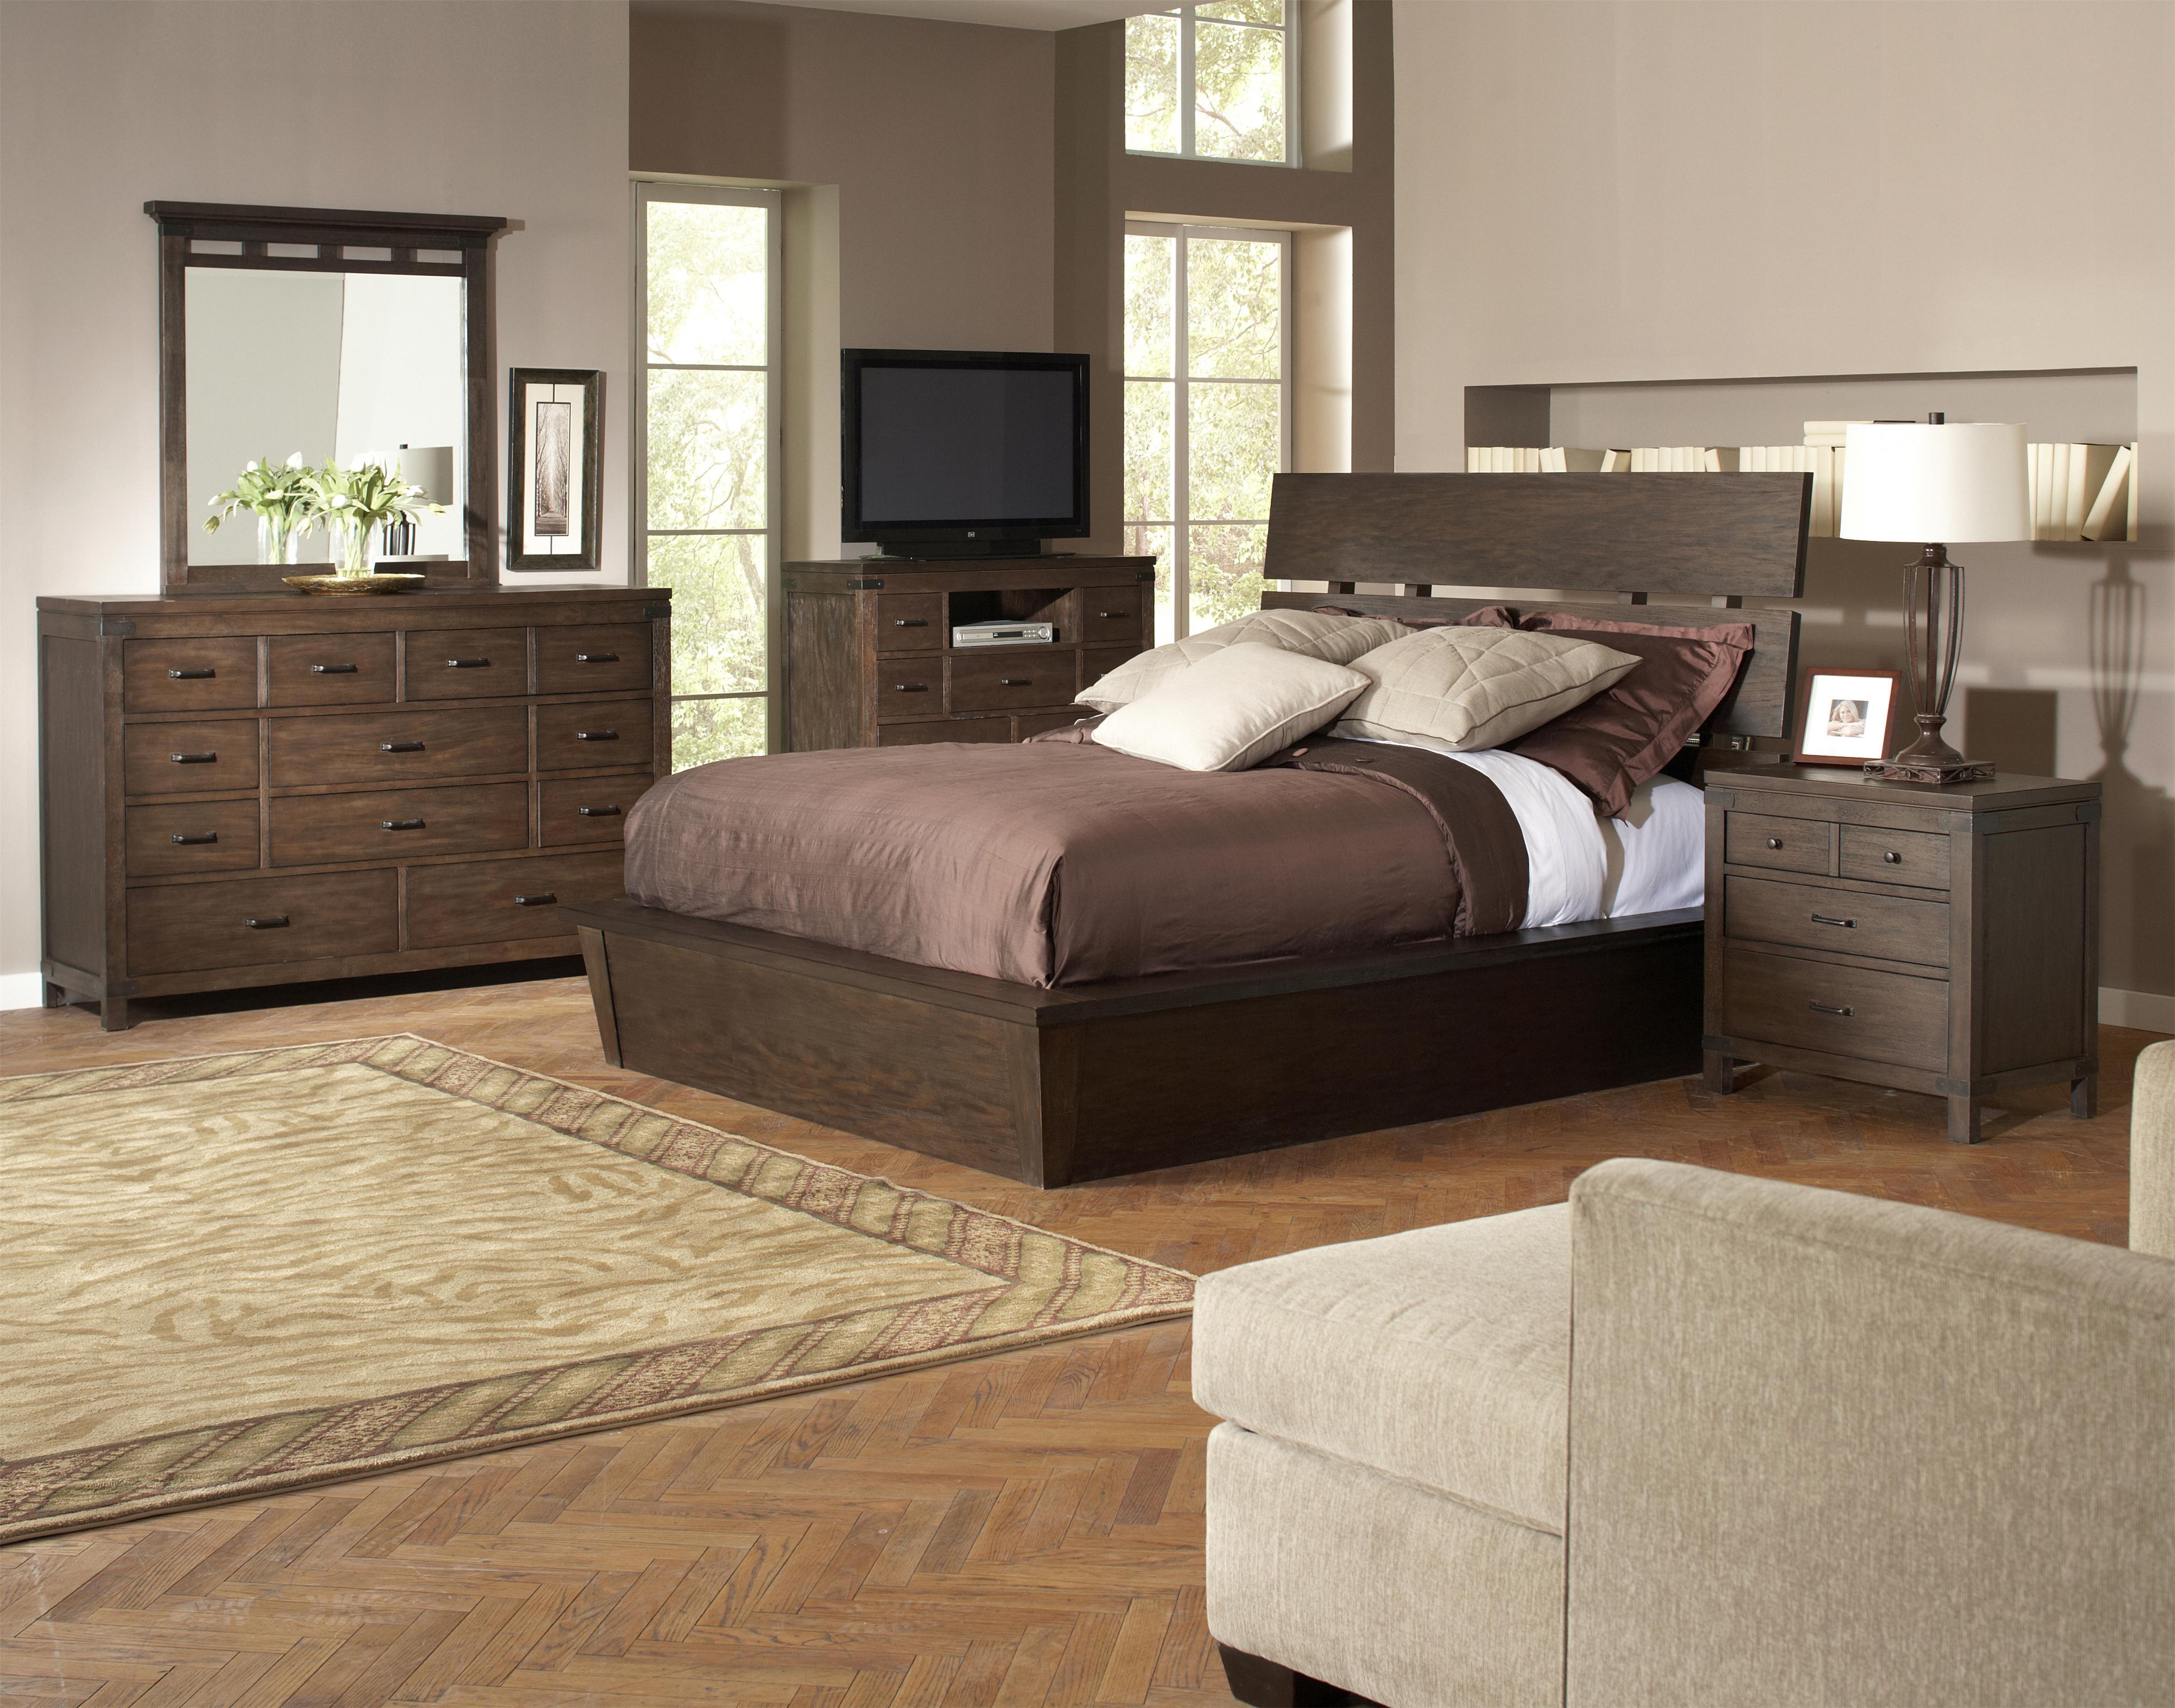 Riverside Furniture Promenade California King Bedroom